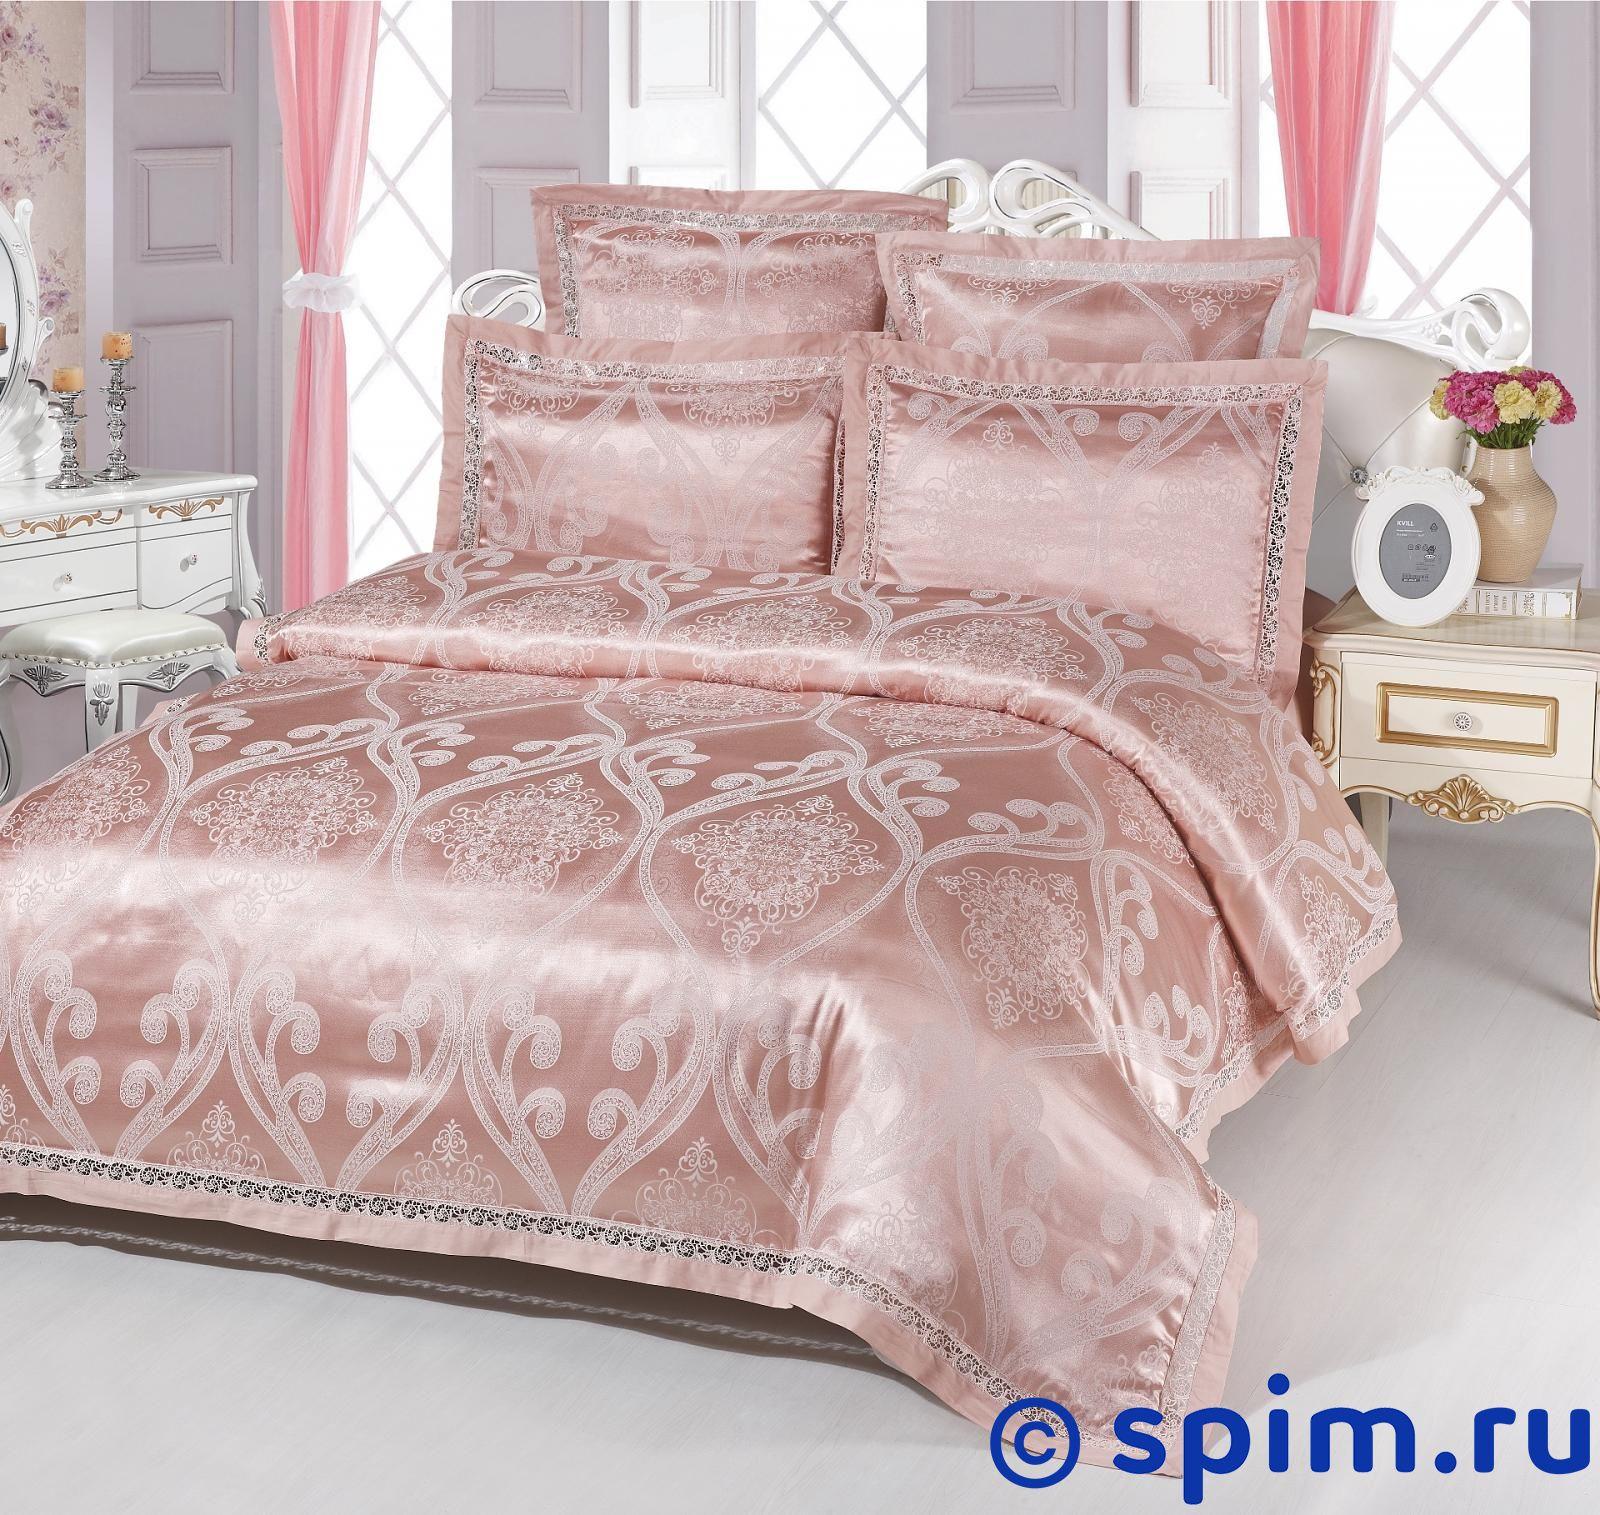 Комплект Kingsilk Sb-103 2 спальное